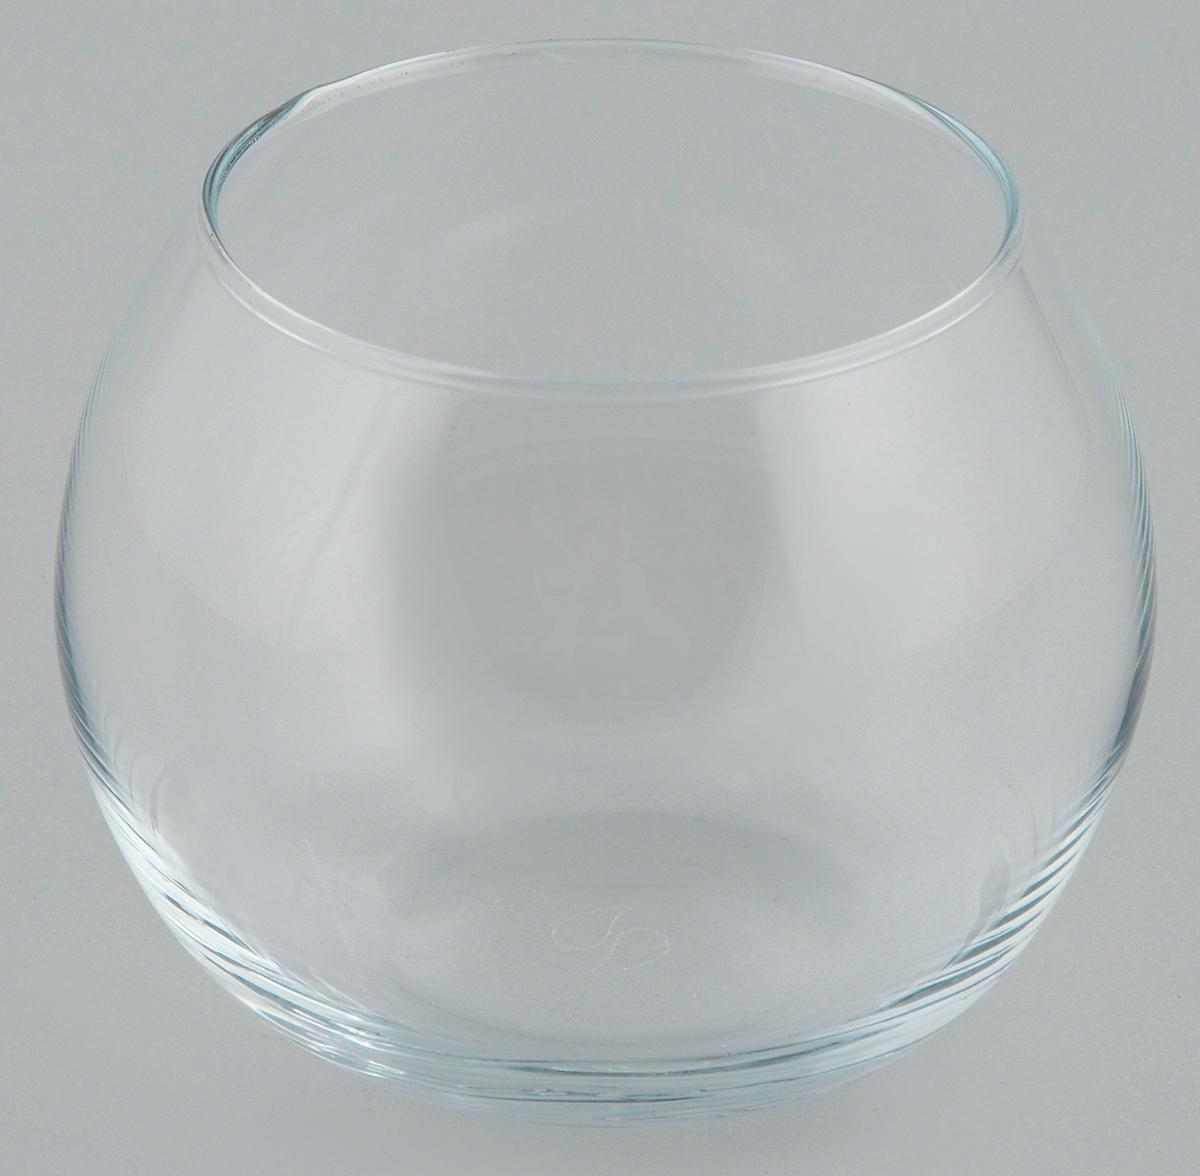 Ваза Pasabahce Flora, высота 7,9 смFS-80264Декоративная ваза Pasabahce Flora выполнена из высококачественного прозрачного стекла.Изделие придется по вкусу и ценителям классики, и тем, кто предпочитает утонченность и изящность. Вы можете поставить вазу в любом месте, где она будет удачно смотреться и радовать глаз. Такая ваза подойдет для декора интерьера. Кроме того - это отличный вариант подарка для ваших близких и друзей.Высота вазы: 7,9 см.